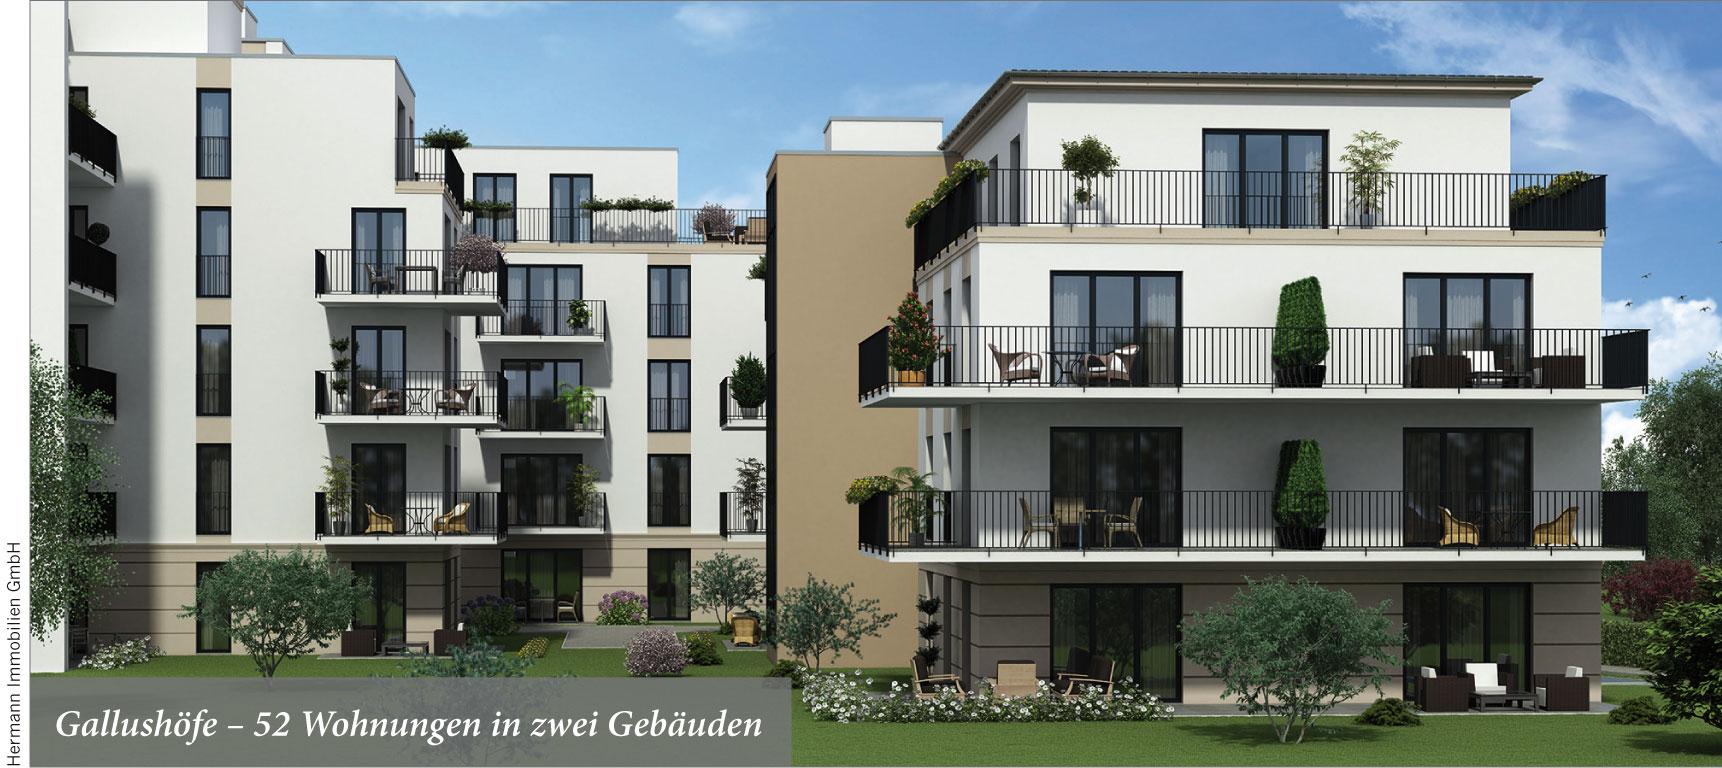 Gallushöfe – 52 Wohnungen in zwei Gebäuden